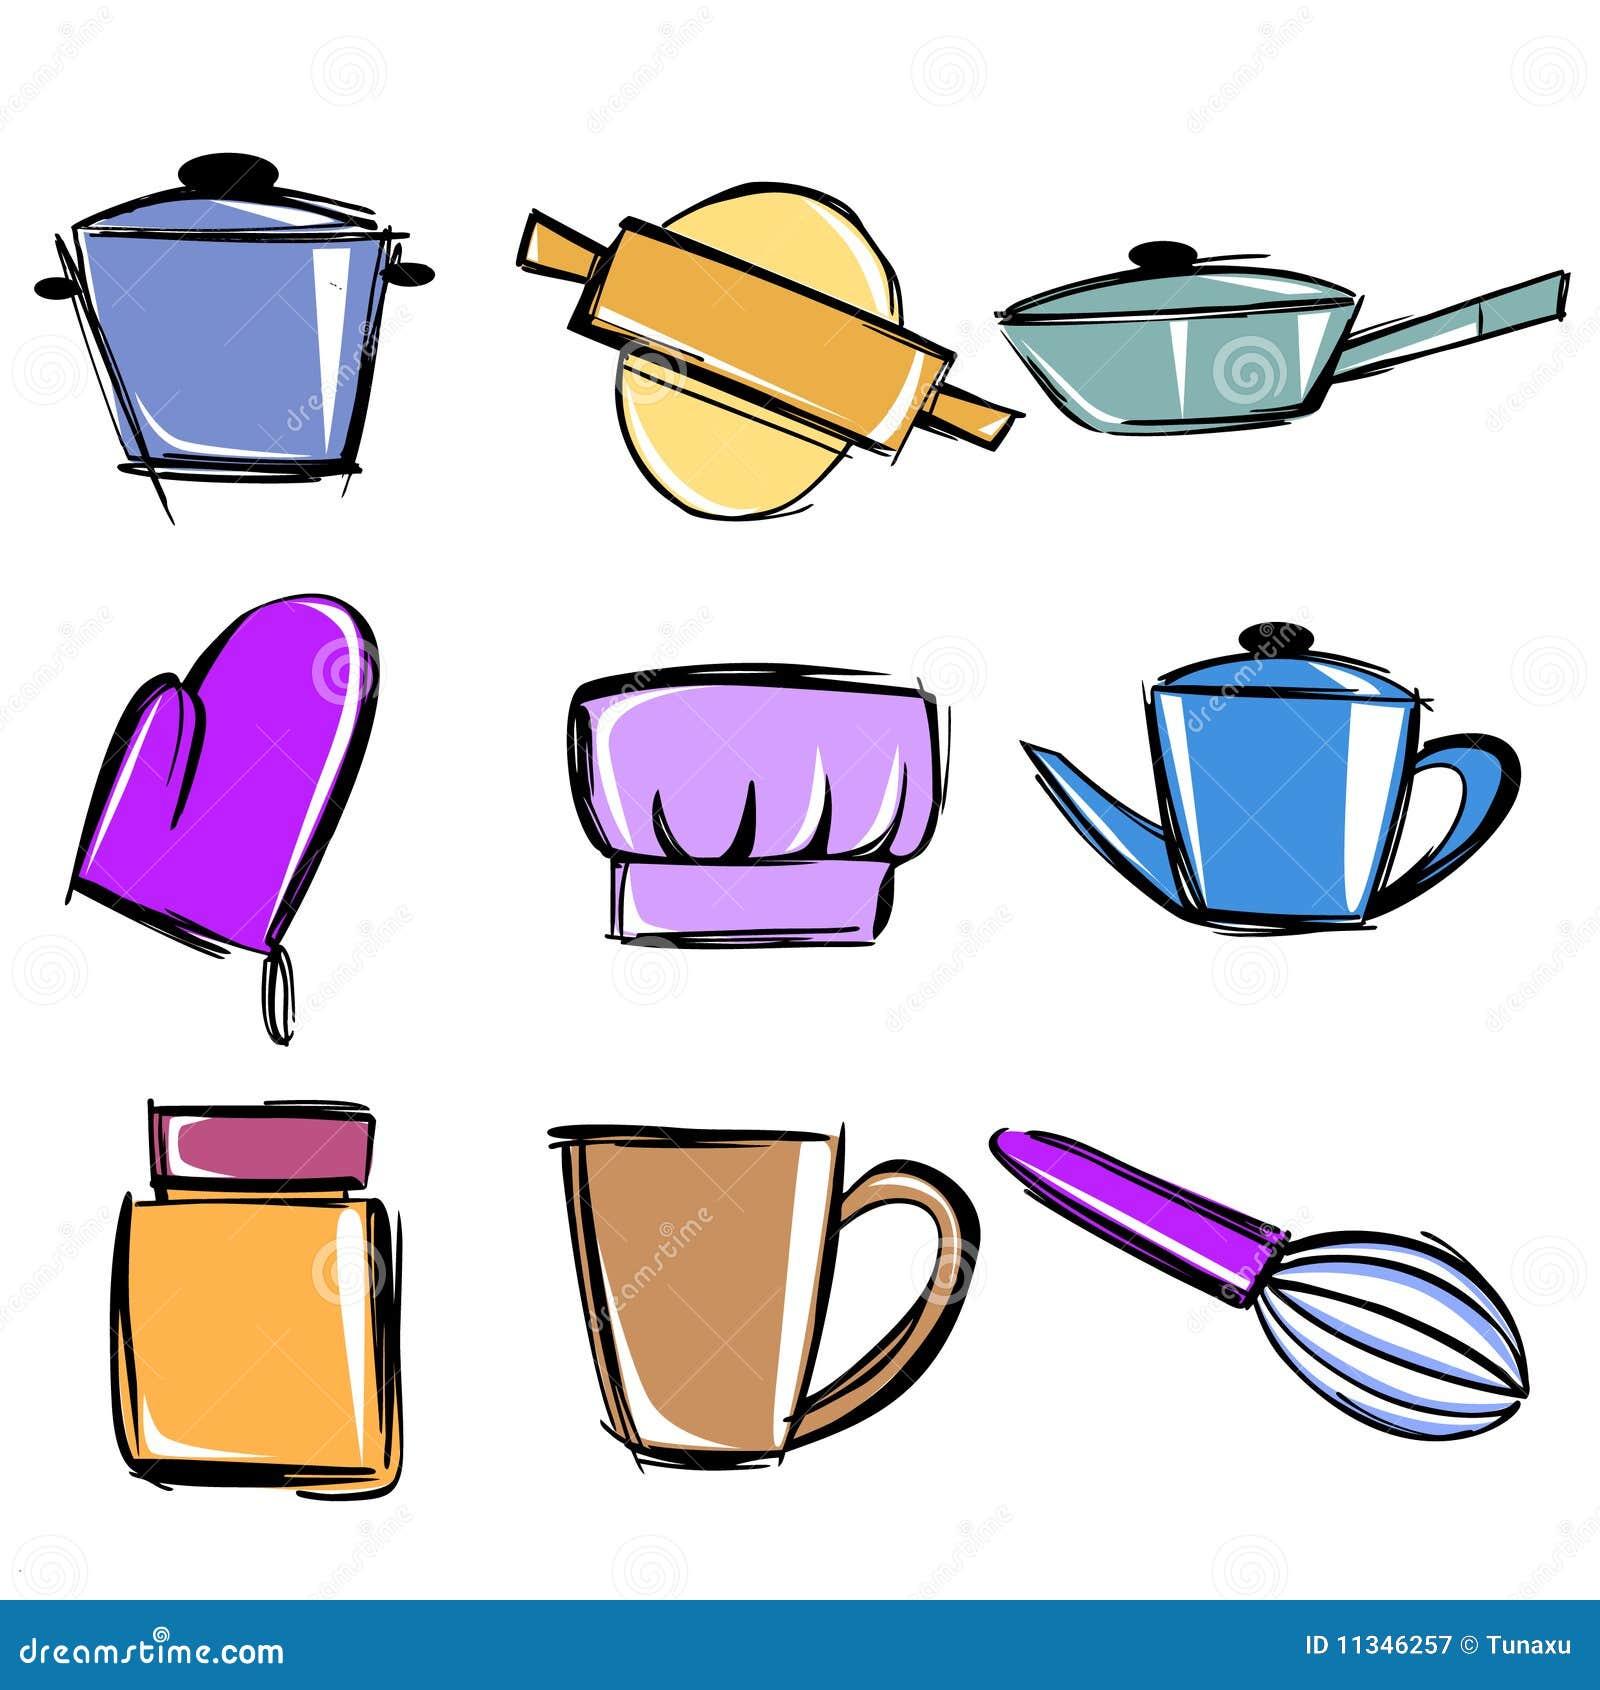 Utensilios de cocina ilustraci n del vector ilustraci n for Utensilios de cocina nombres e imagenes